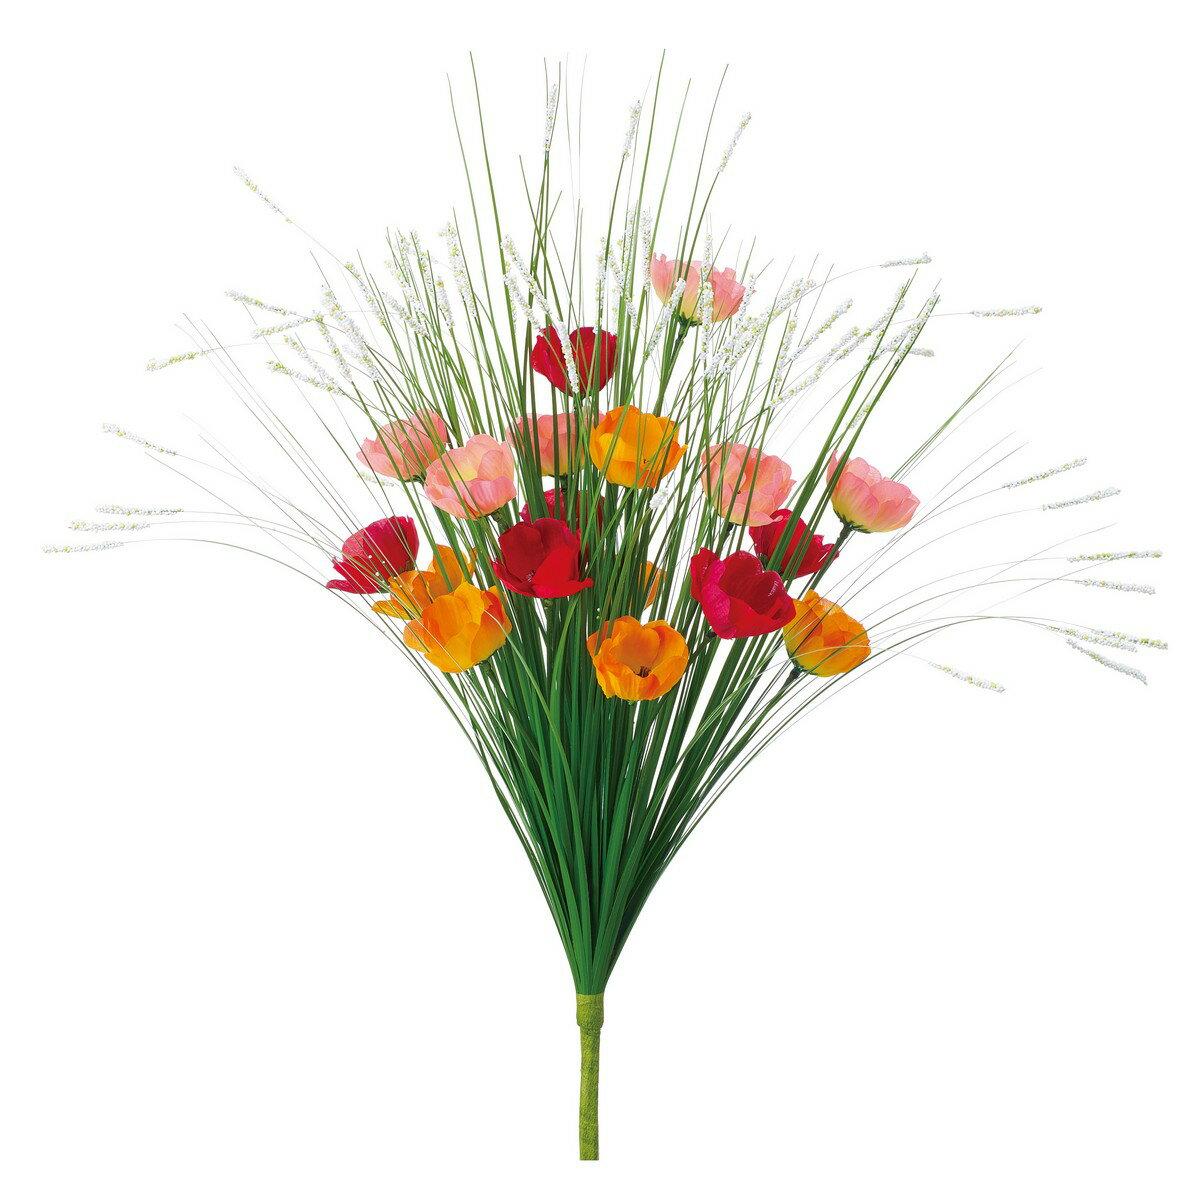 【造花】YDM/グラスミニアネモネブッシュ オレンジ/レッド/FP-5024-R/O【01】【取寄】《 造花(アーティフィシャルフラワー) 造花ギフト 仏花 》